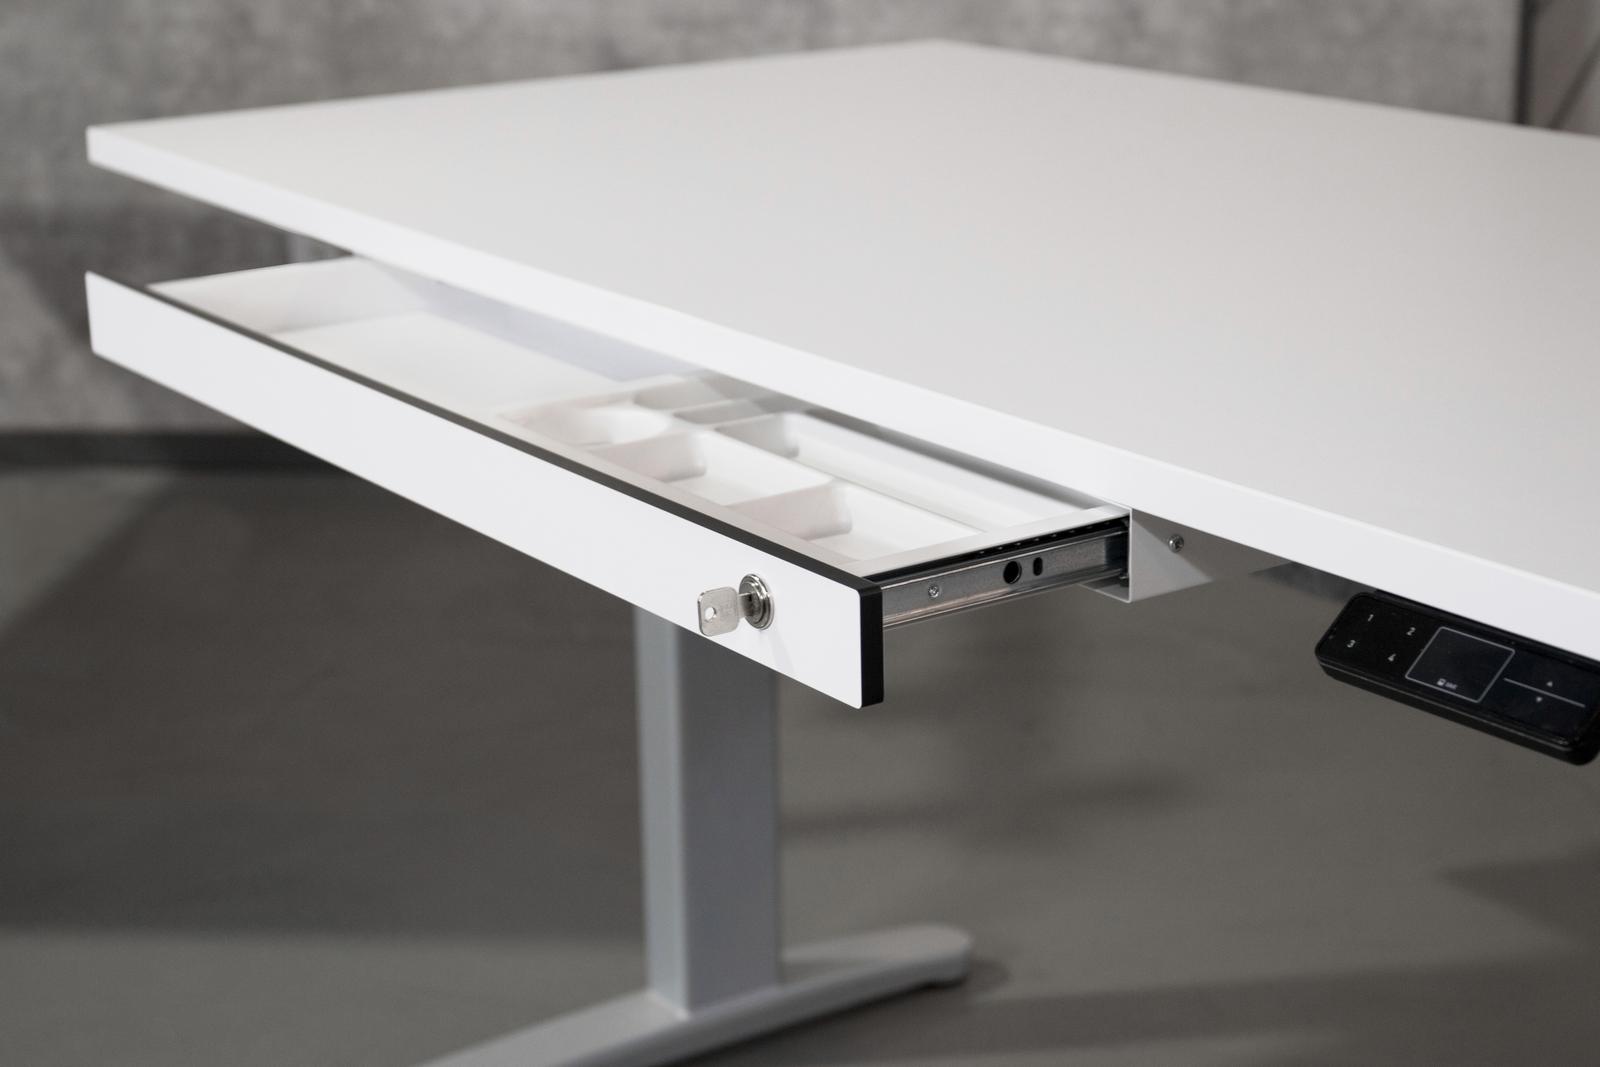 b m unterbauschublade f r schreibtisch 1 schublade ablage schreibzeug einsatz ebay. Black Bedroom Furniture Sets. Home Design Ideas